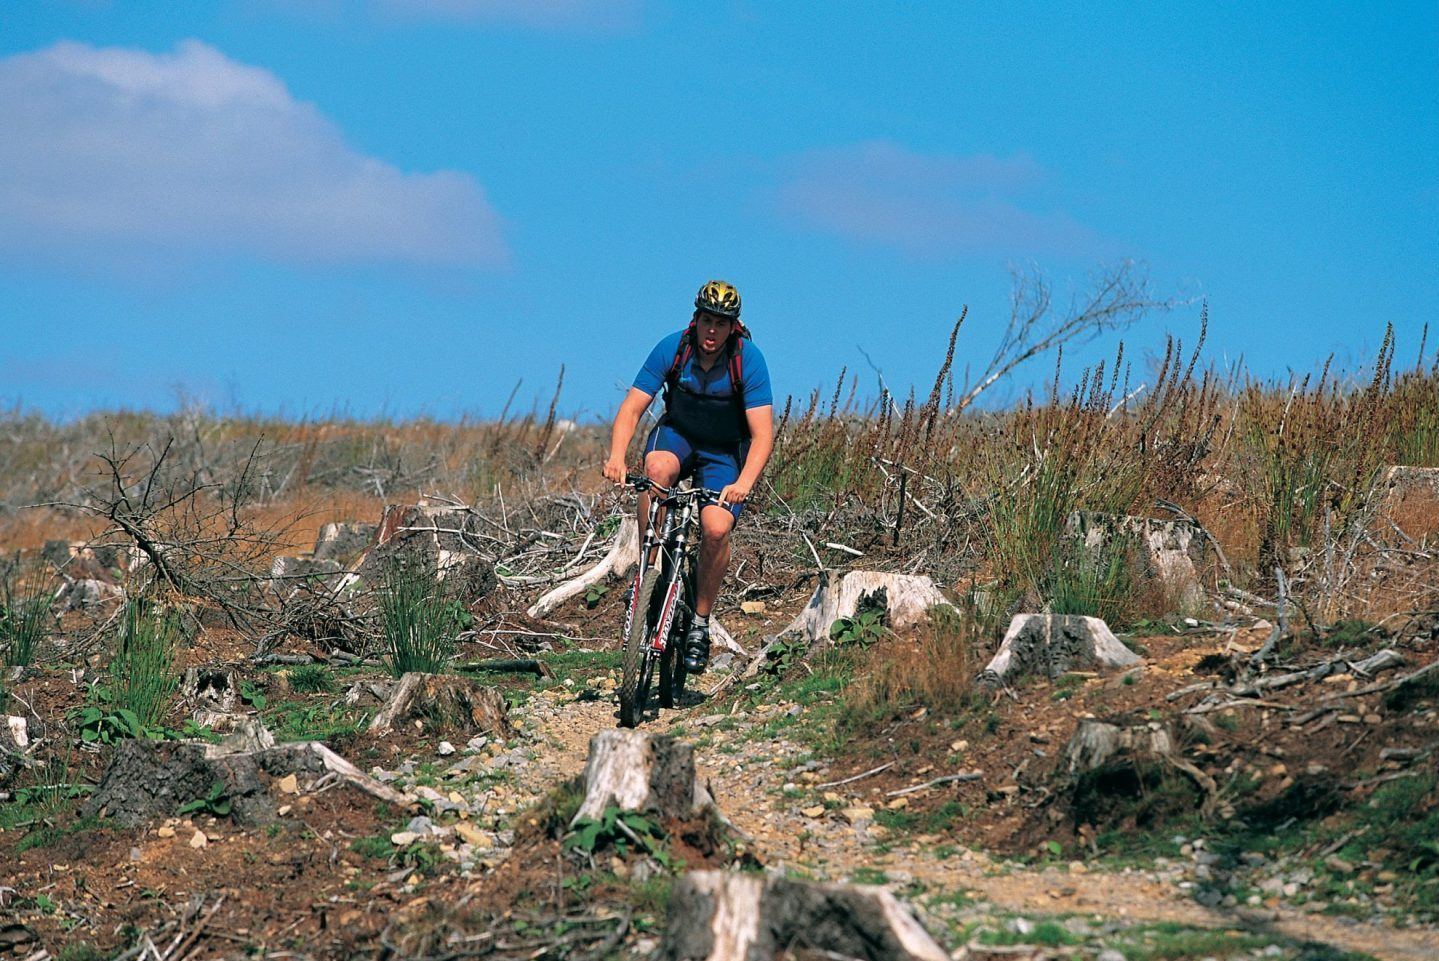 Cwmcarn mountain bike trail rider